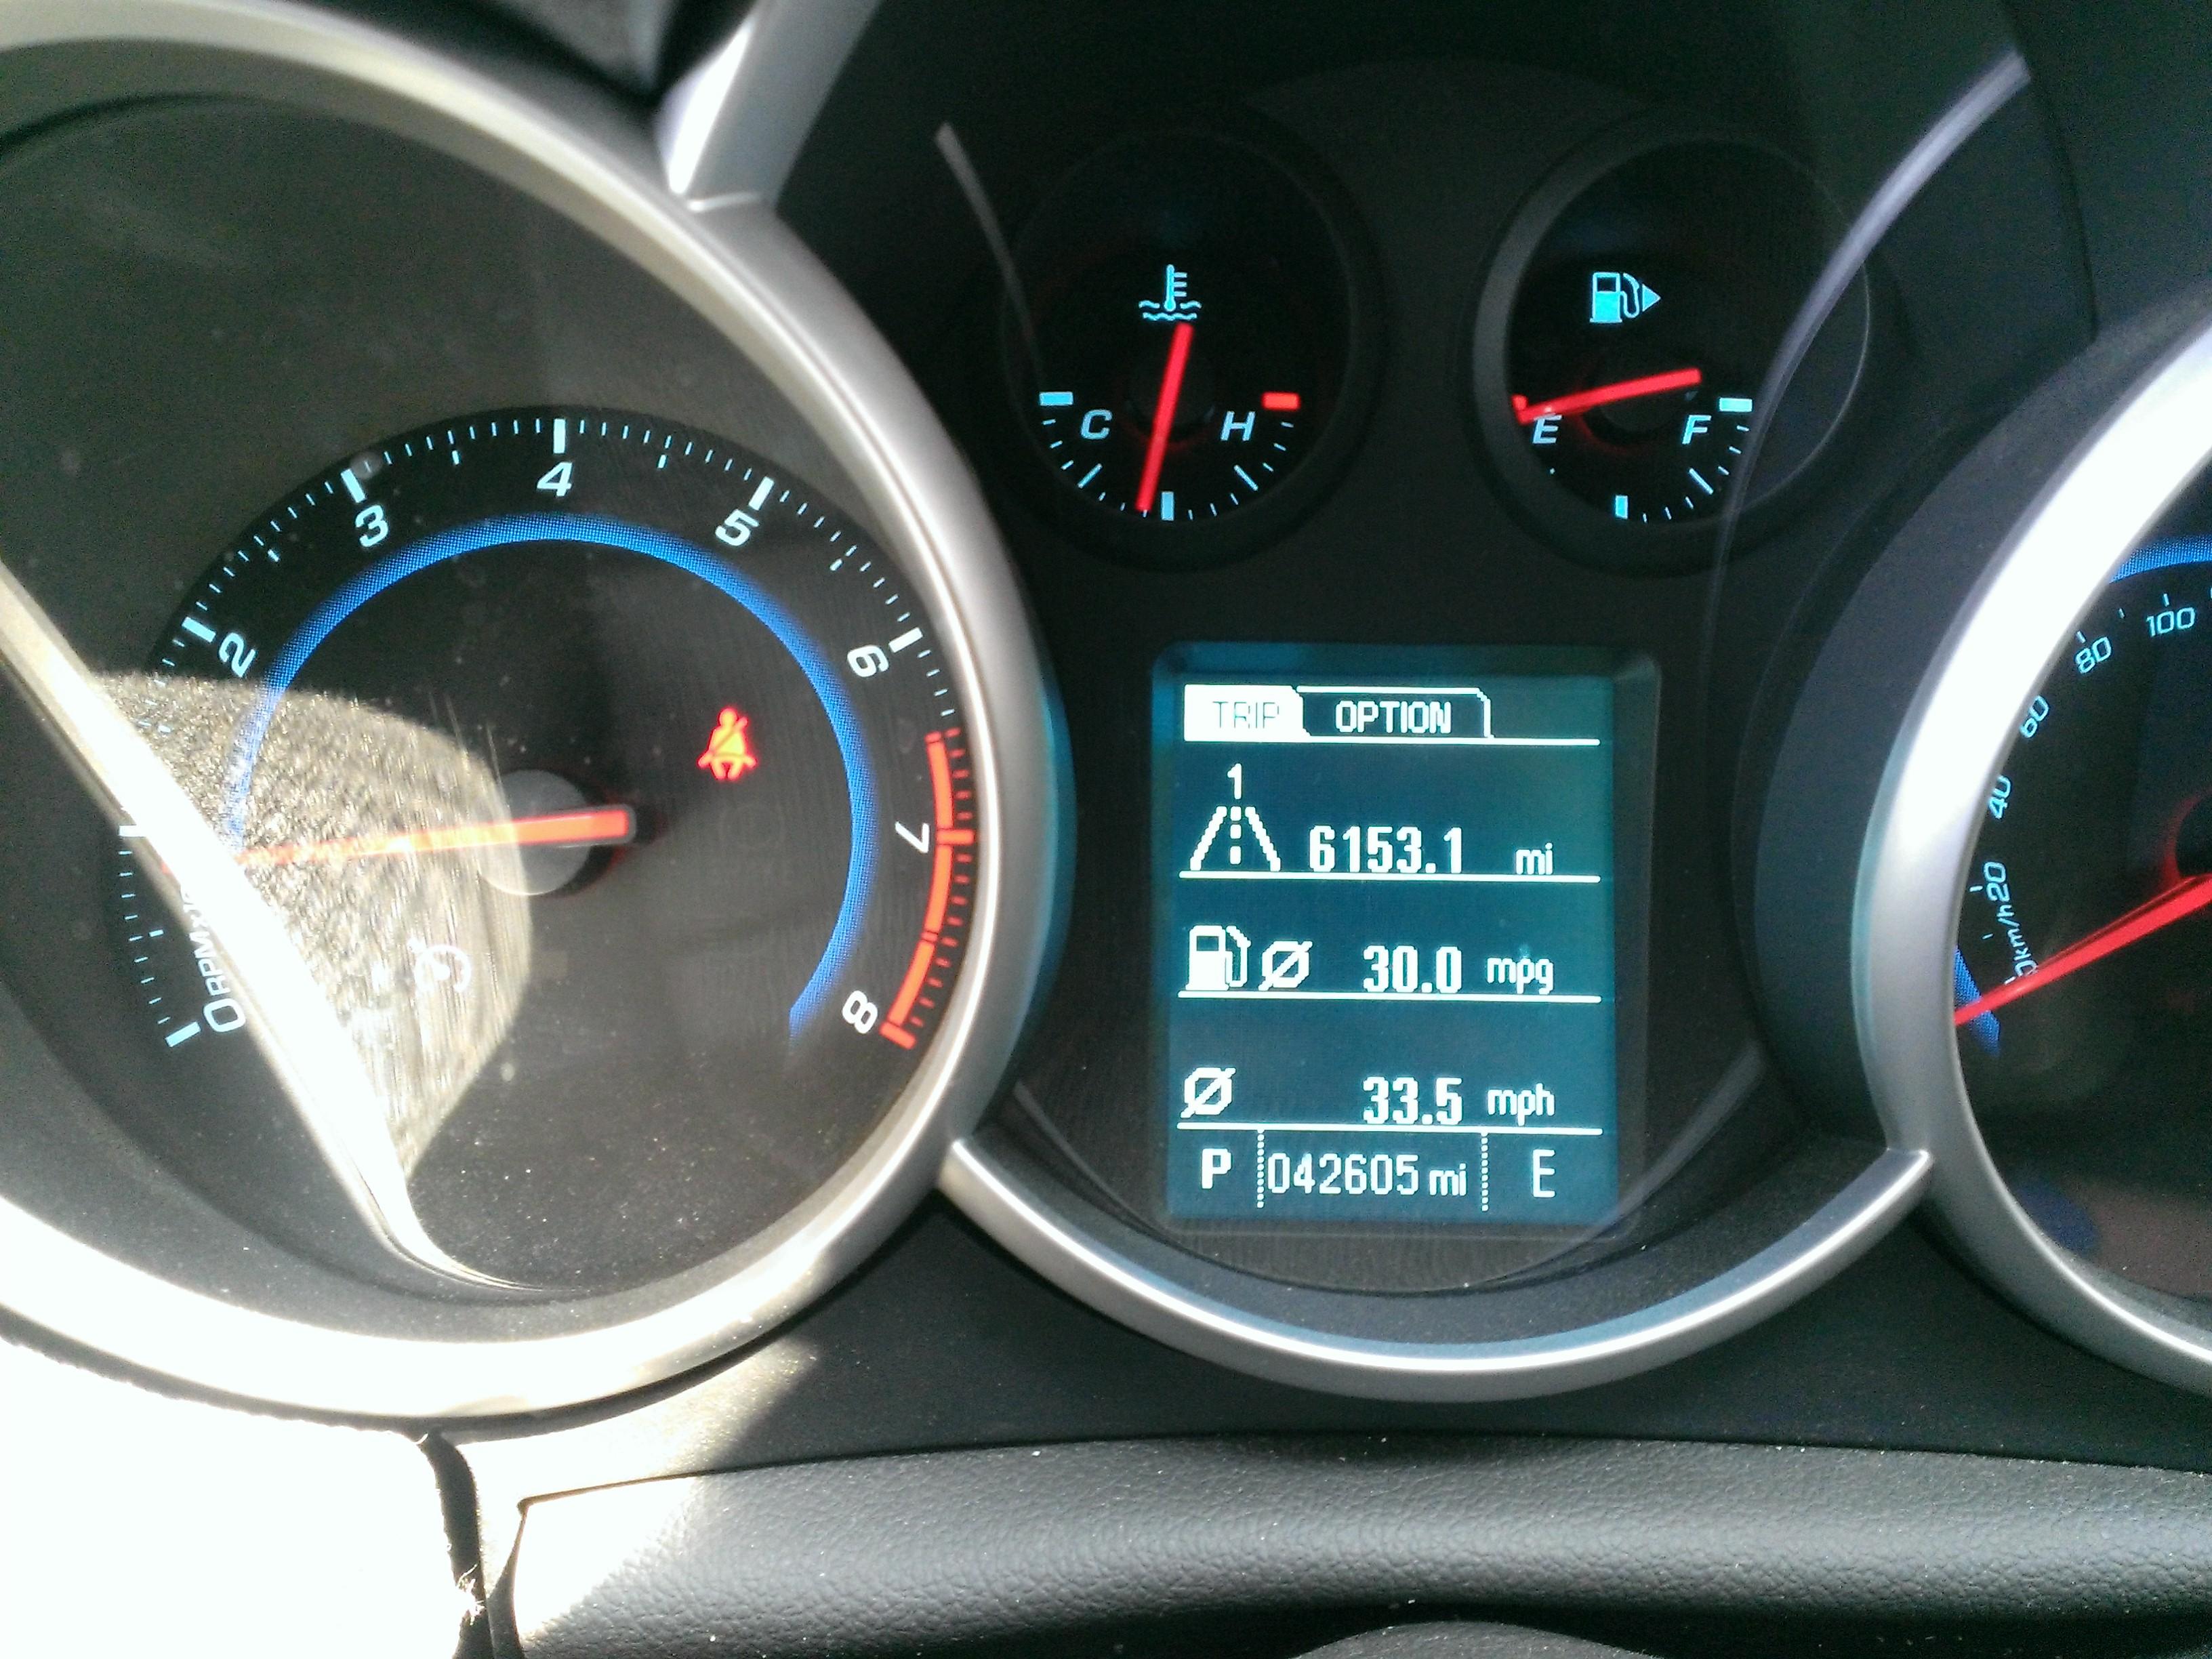 Many many miles